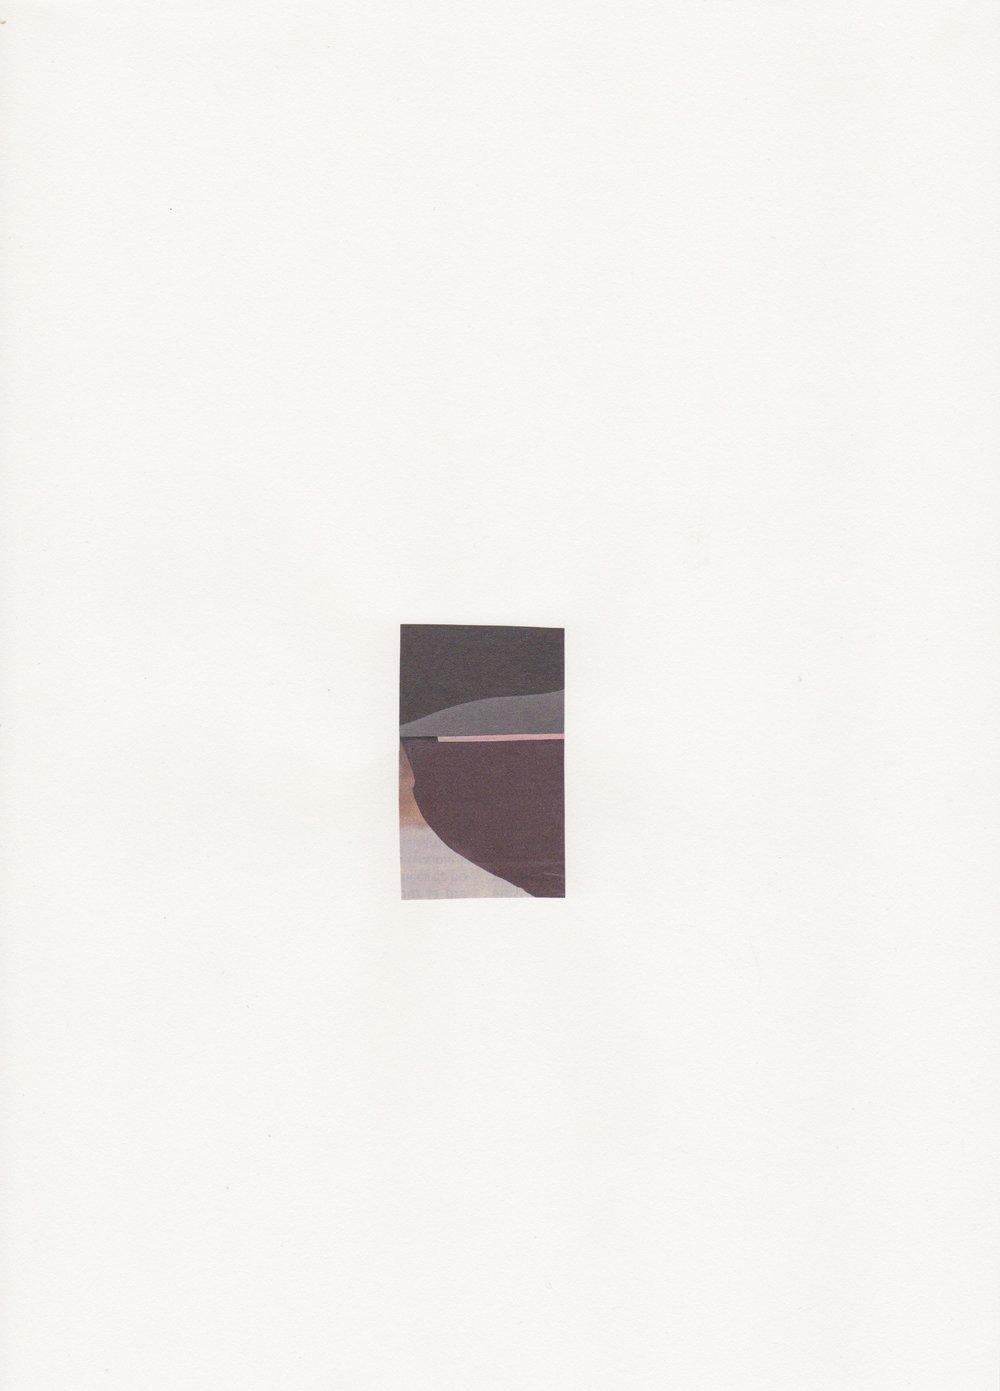 La ballade de Jim - Assemblage sur papier velin -Collage 5,7 x 3,4 cm -2018